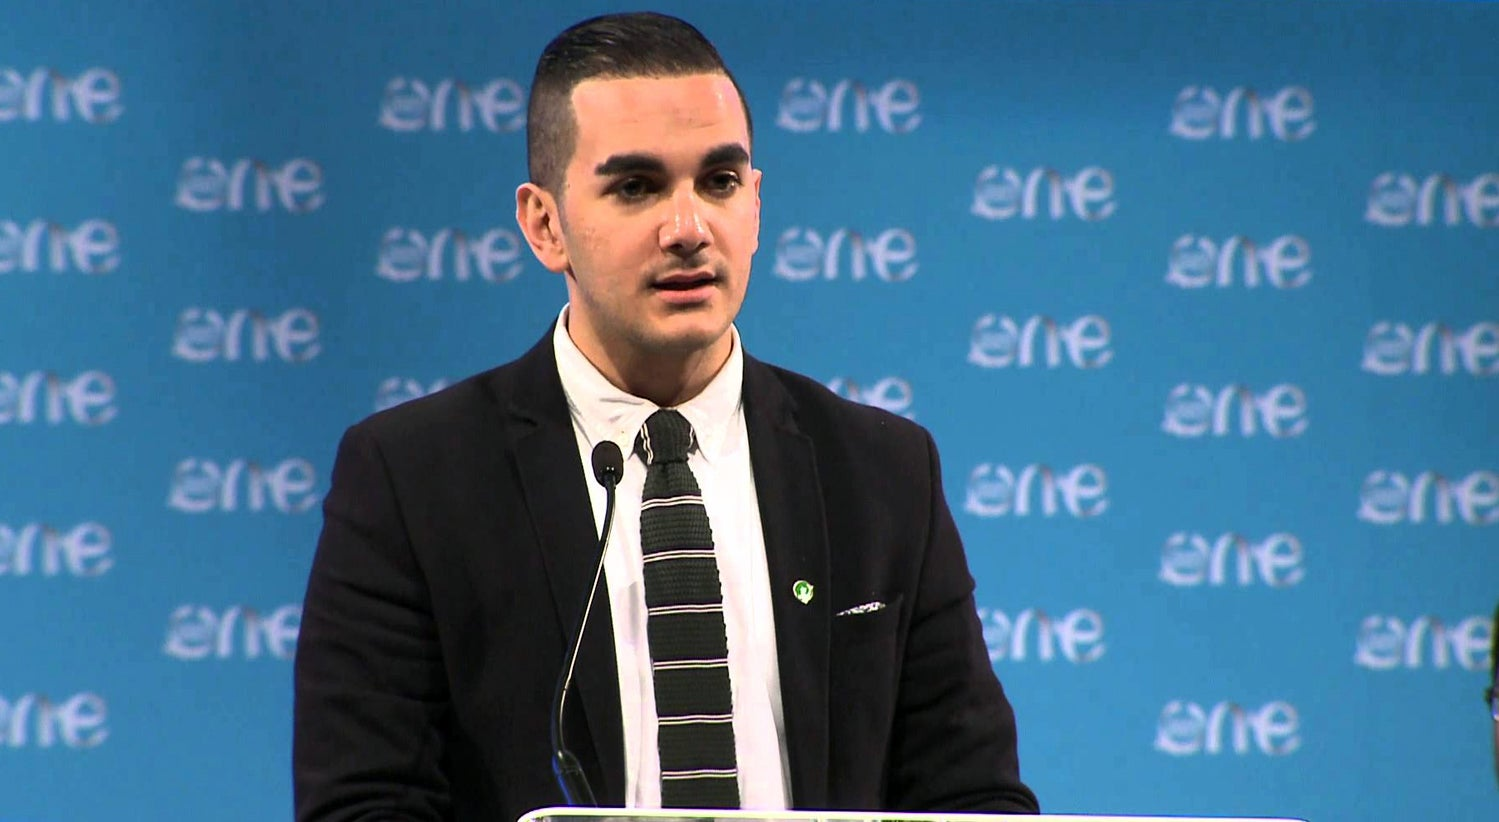 Amir Ashour: Se voltasse agora para o Iraque, ou era preso para o resto da vida ou era logo morto